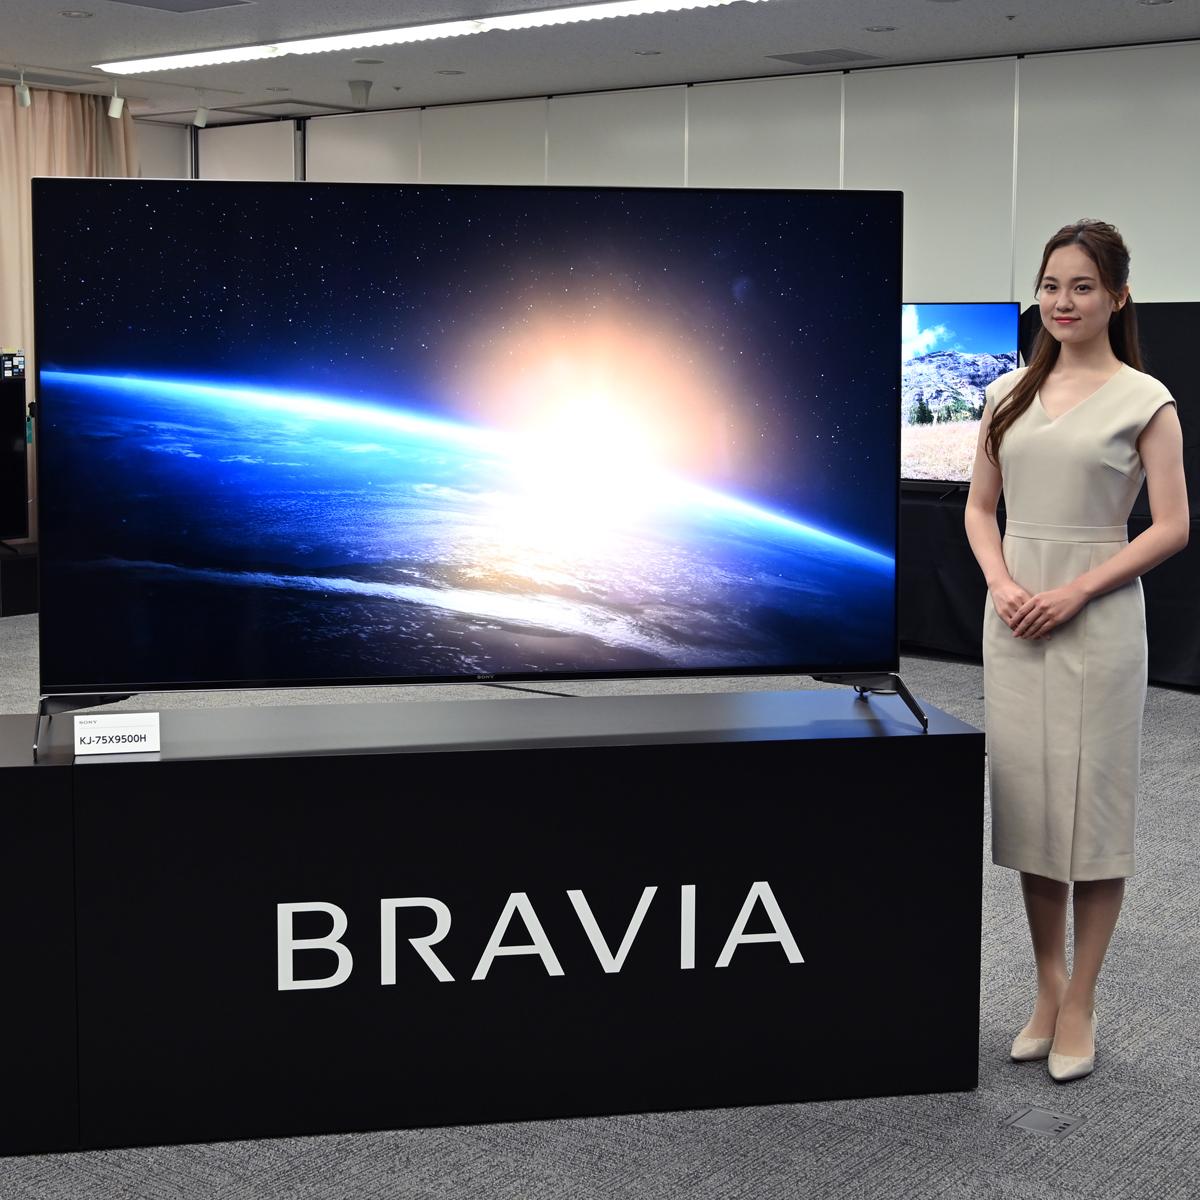 液晶BRAVIA最新モデルは高画質モデルの「X9500H」から75型/25万円の「X8000H」まで4シリーズ展開